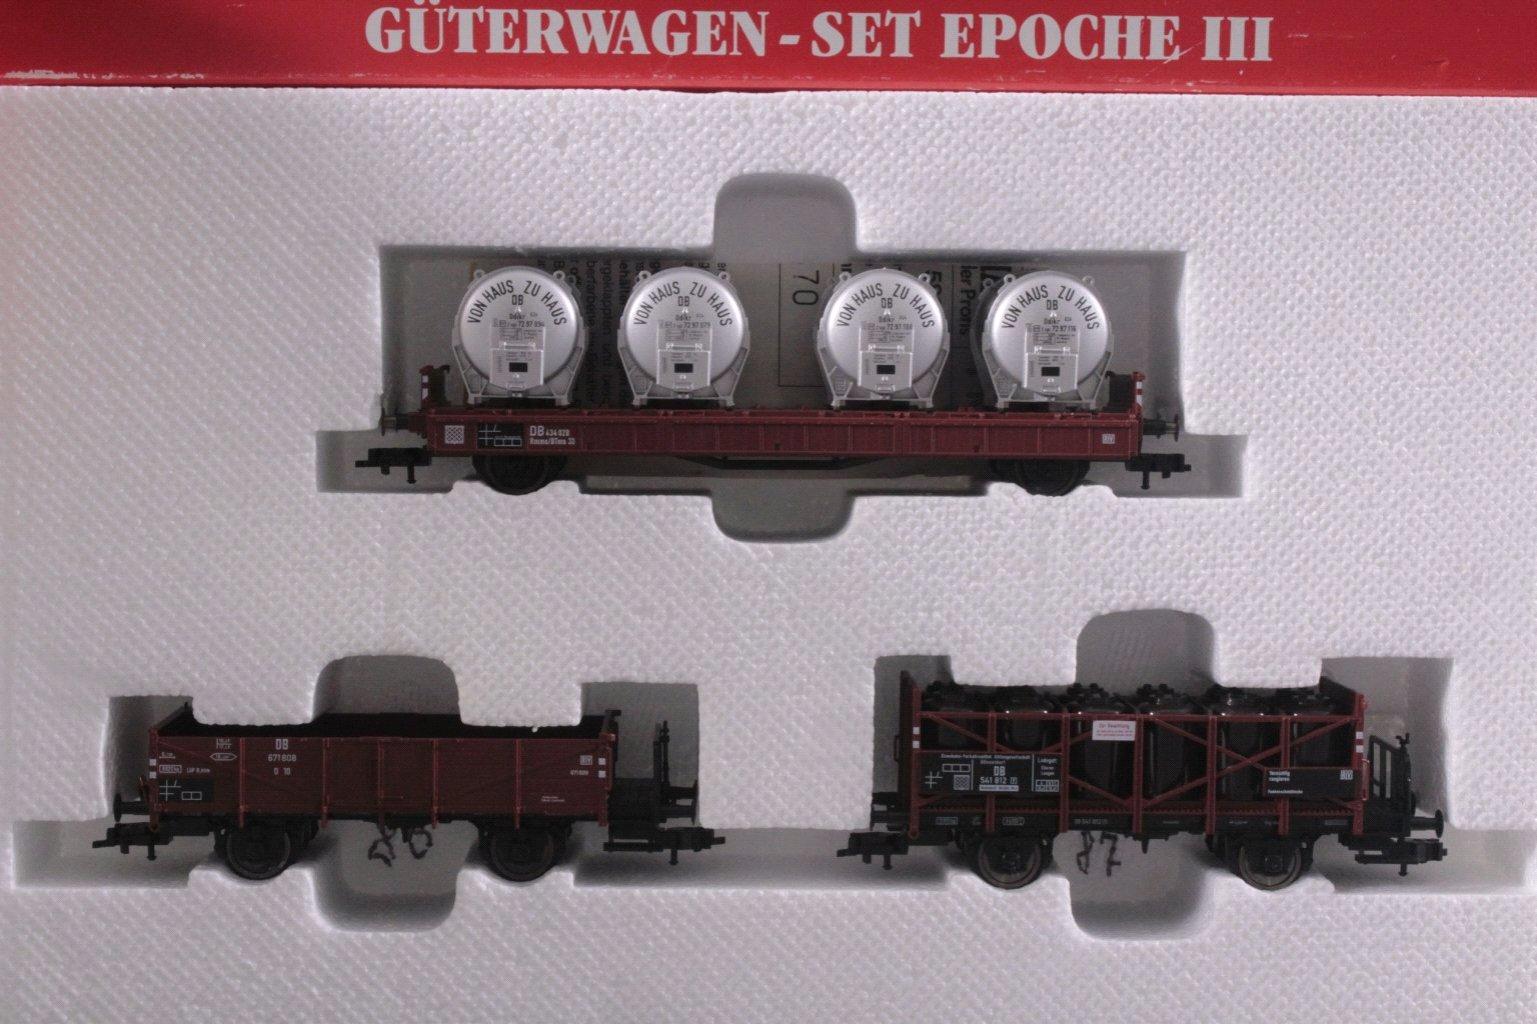 Fleischmann E-Lok mit Güterwagen-Set, Spur H0-2